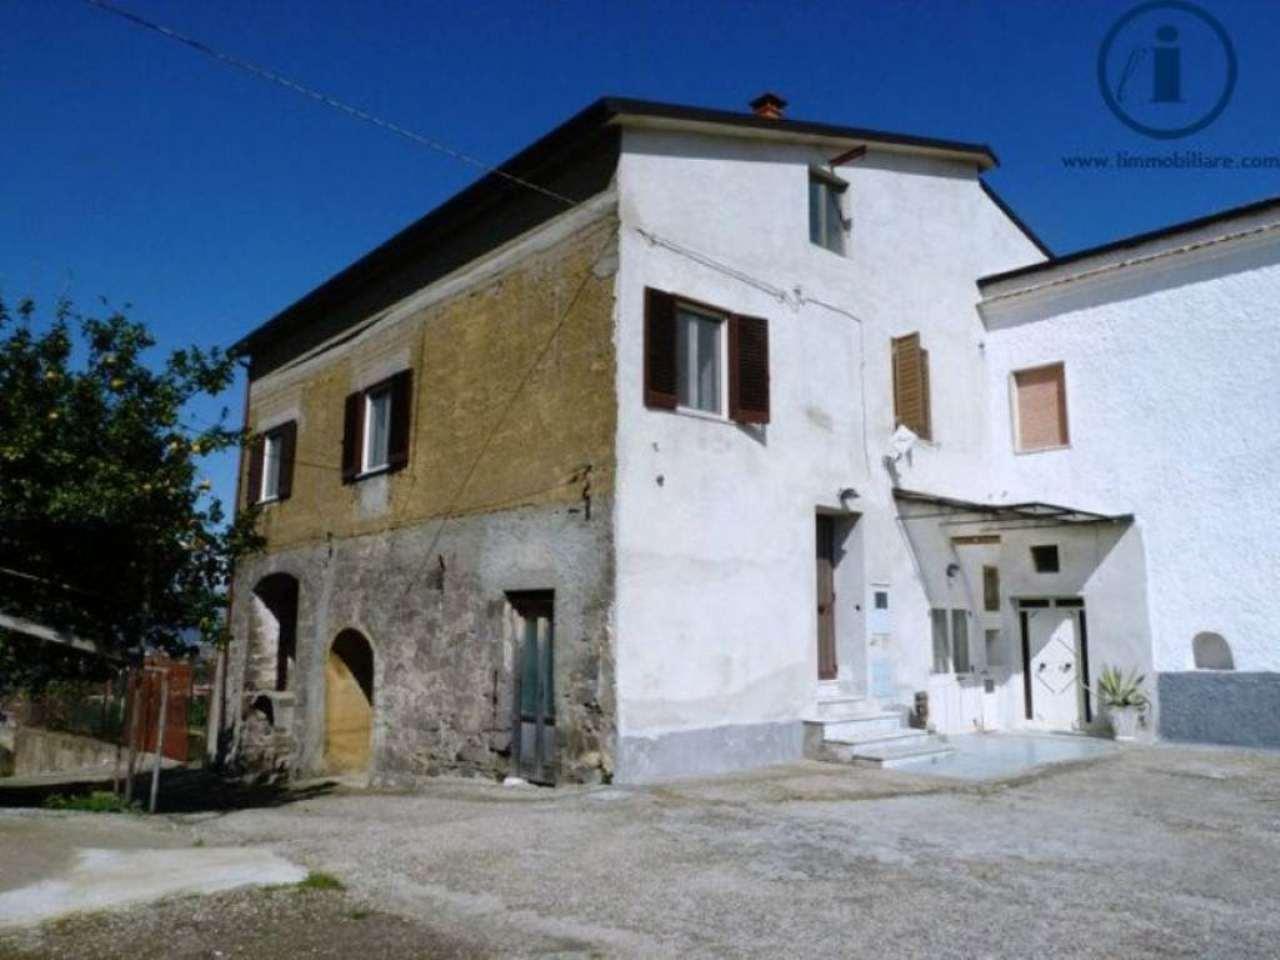 Sant'Agata de' Goti Vendita PORZIONE DI CASA Immagine 0